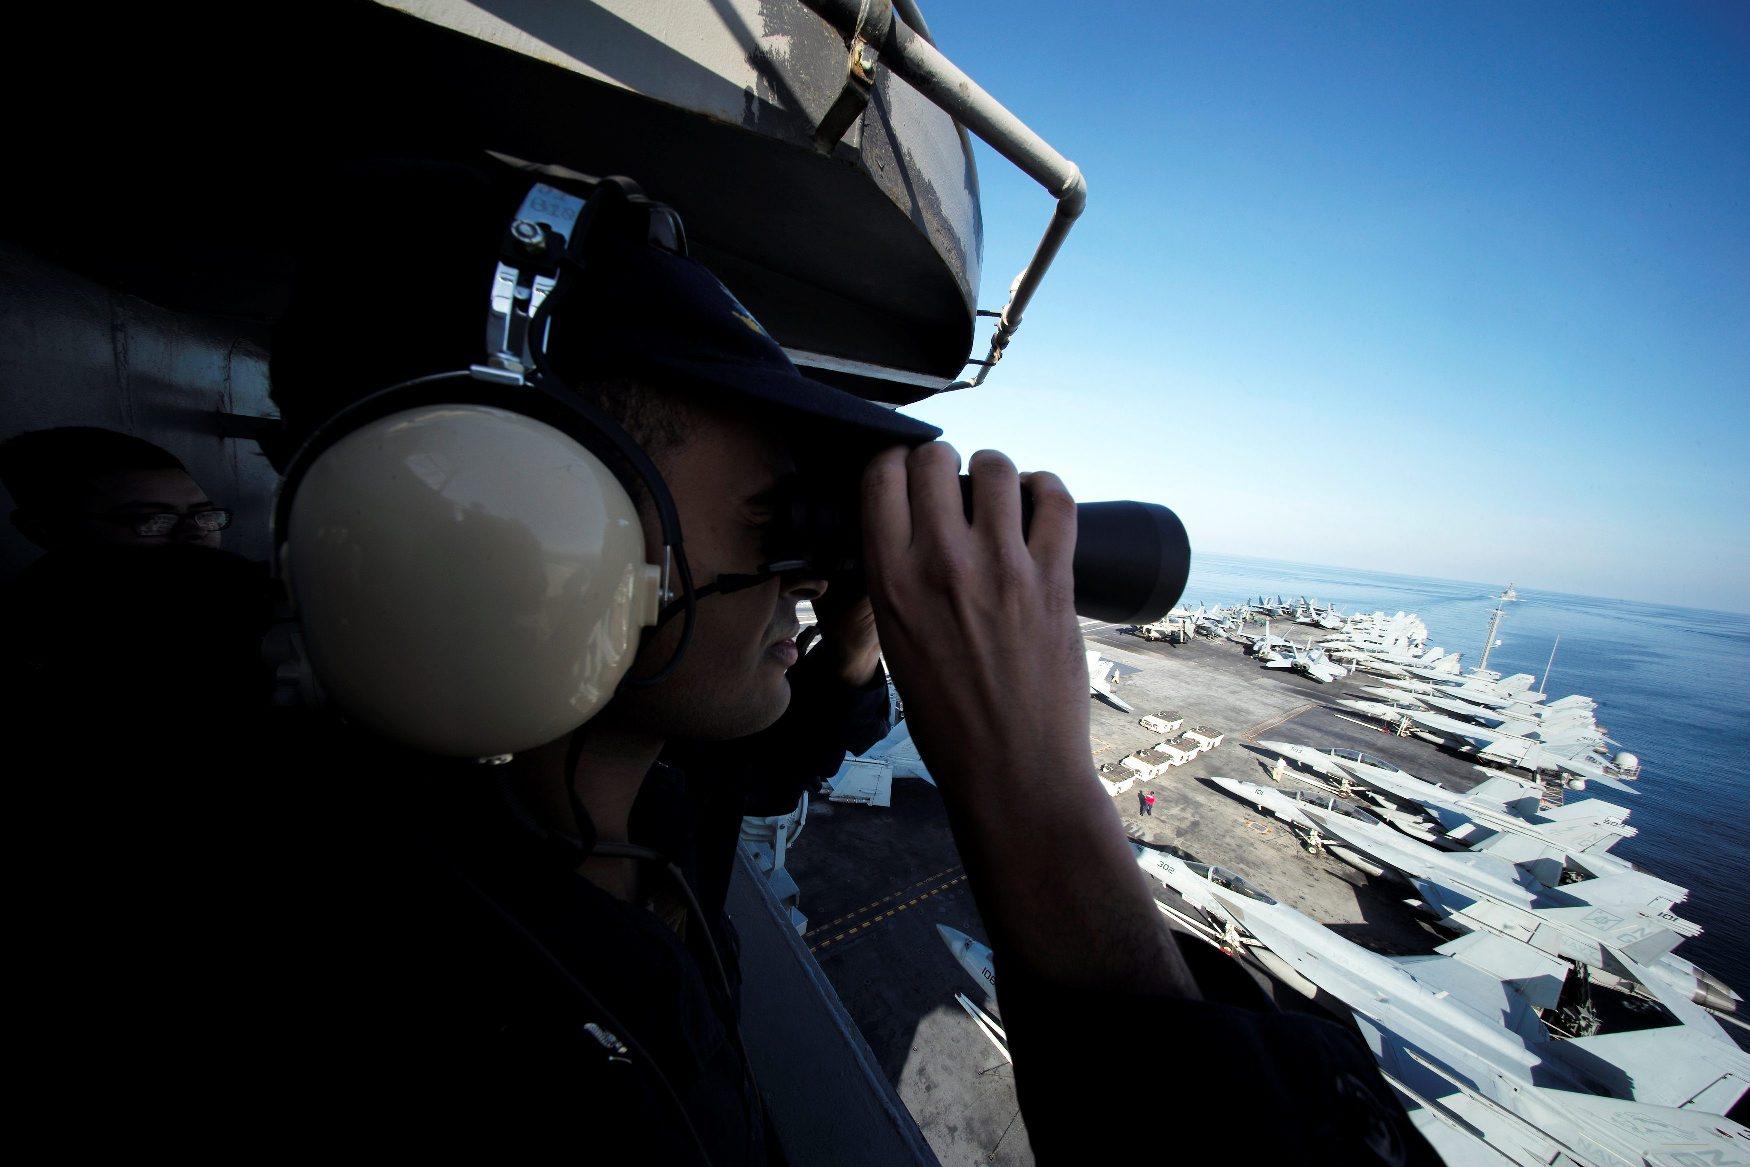 Nosač zrakoplova USS John C. Stennis snimljen na putu u Perzijski zaljev